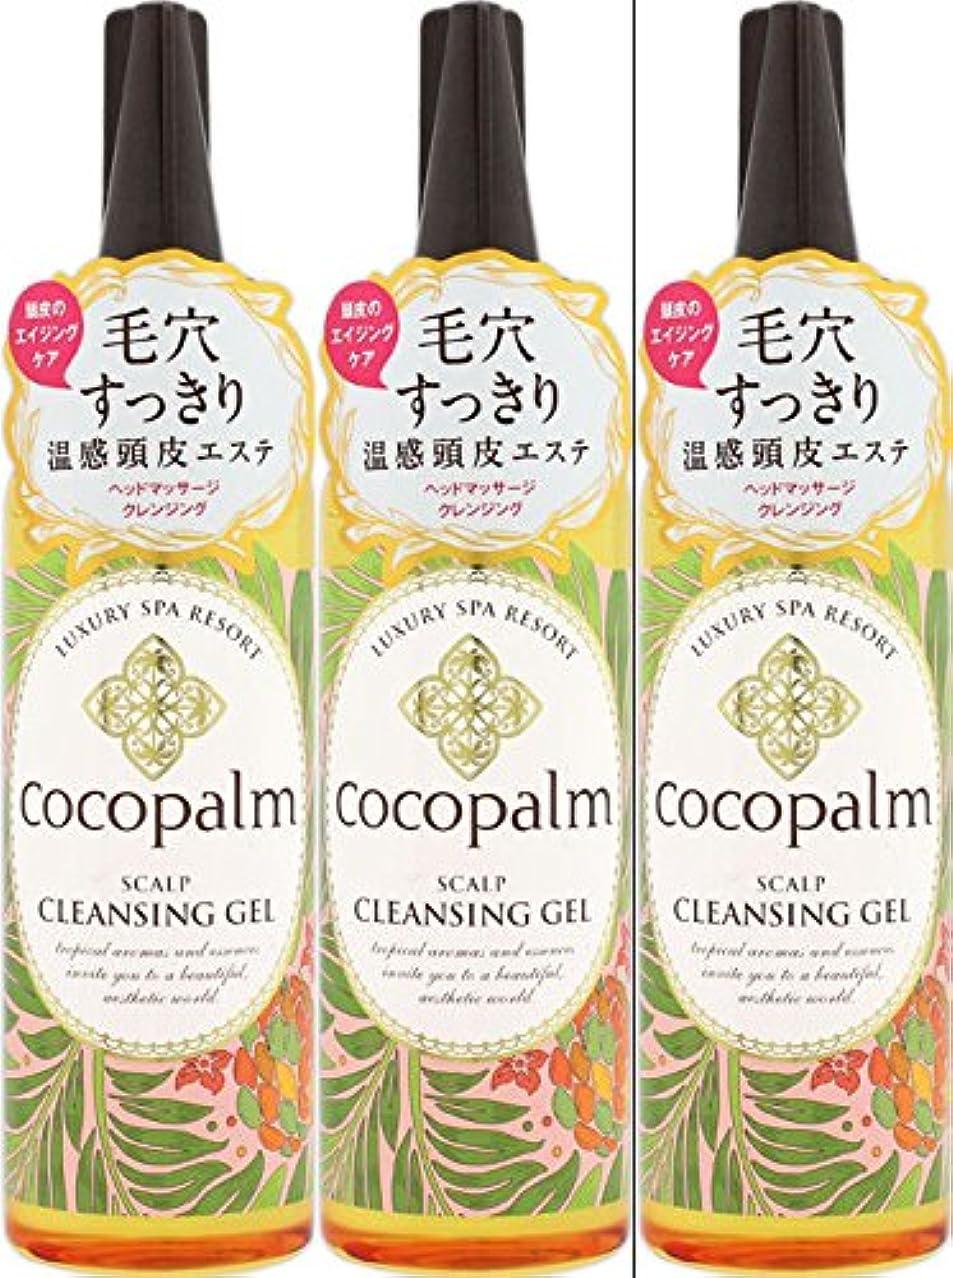 【3個セット】ココパーム ホットクレンジングジェル 150ml